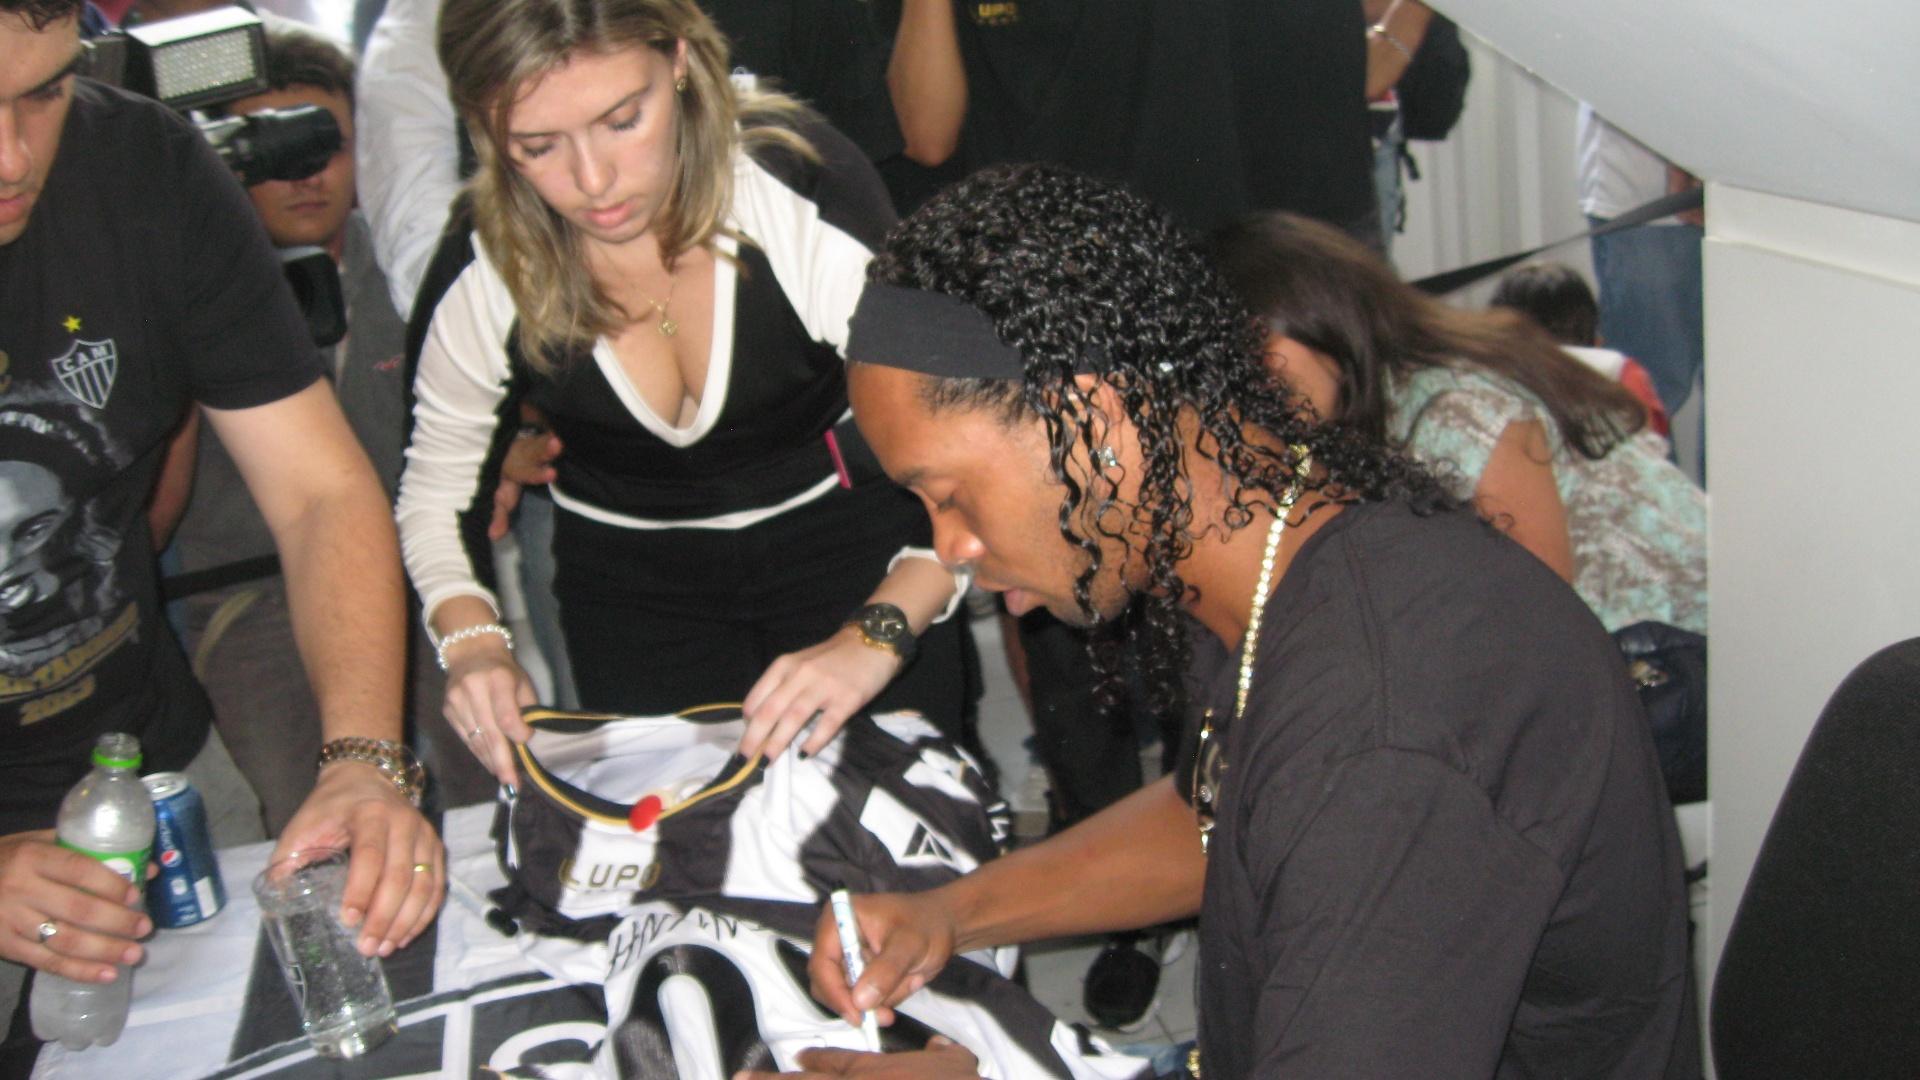 29/04/2013 - Ronaldinho Gaúcho dá autógrafo em camisas do Atlético-MG